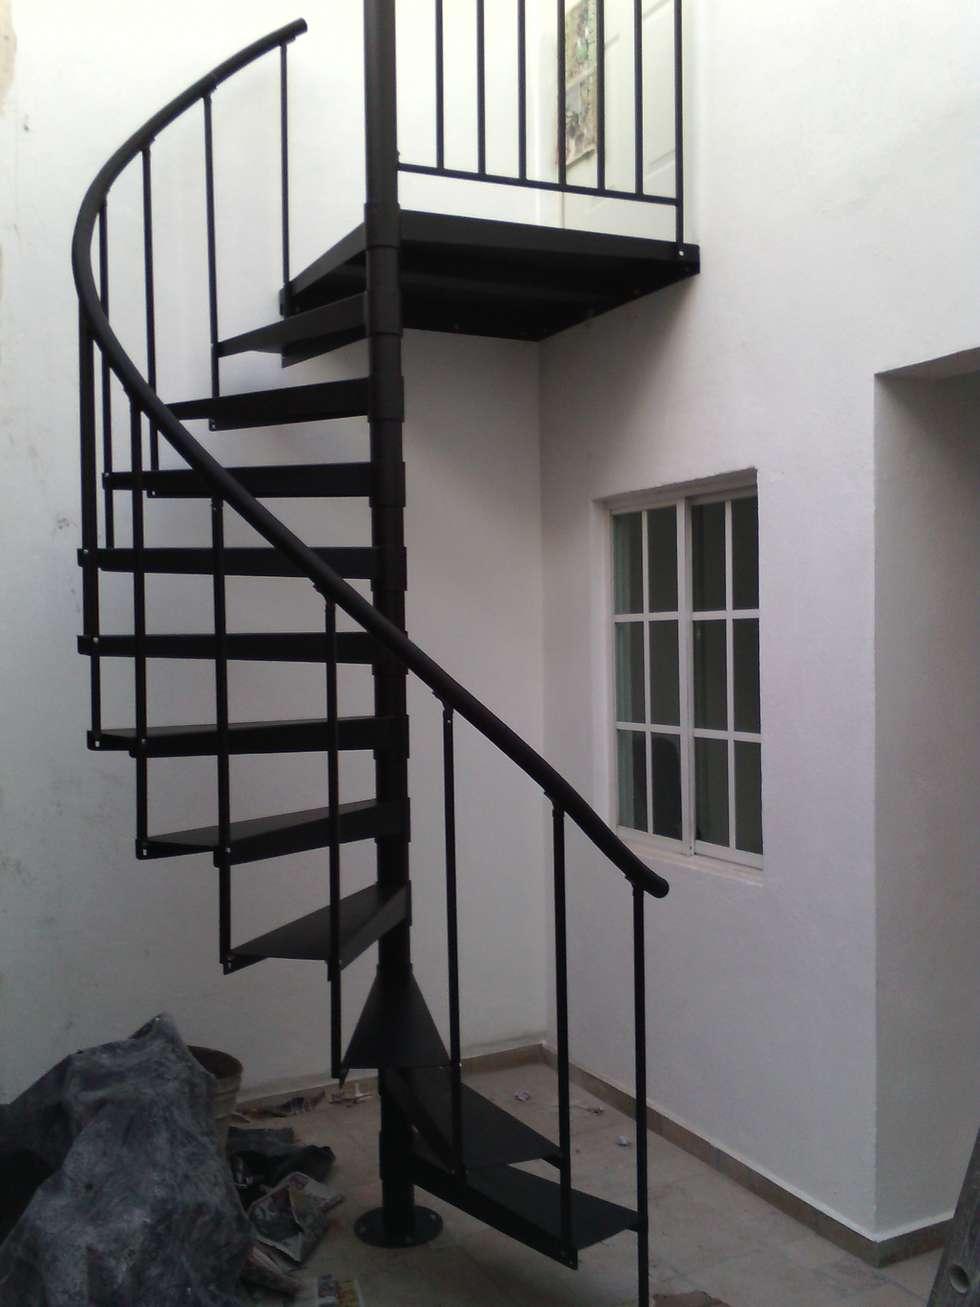 Stairs By Suvire Escaleras Homify - Escaleras-de-caracol